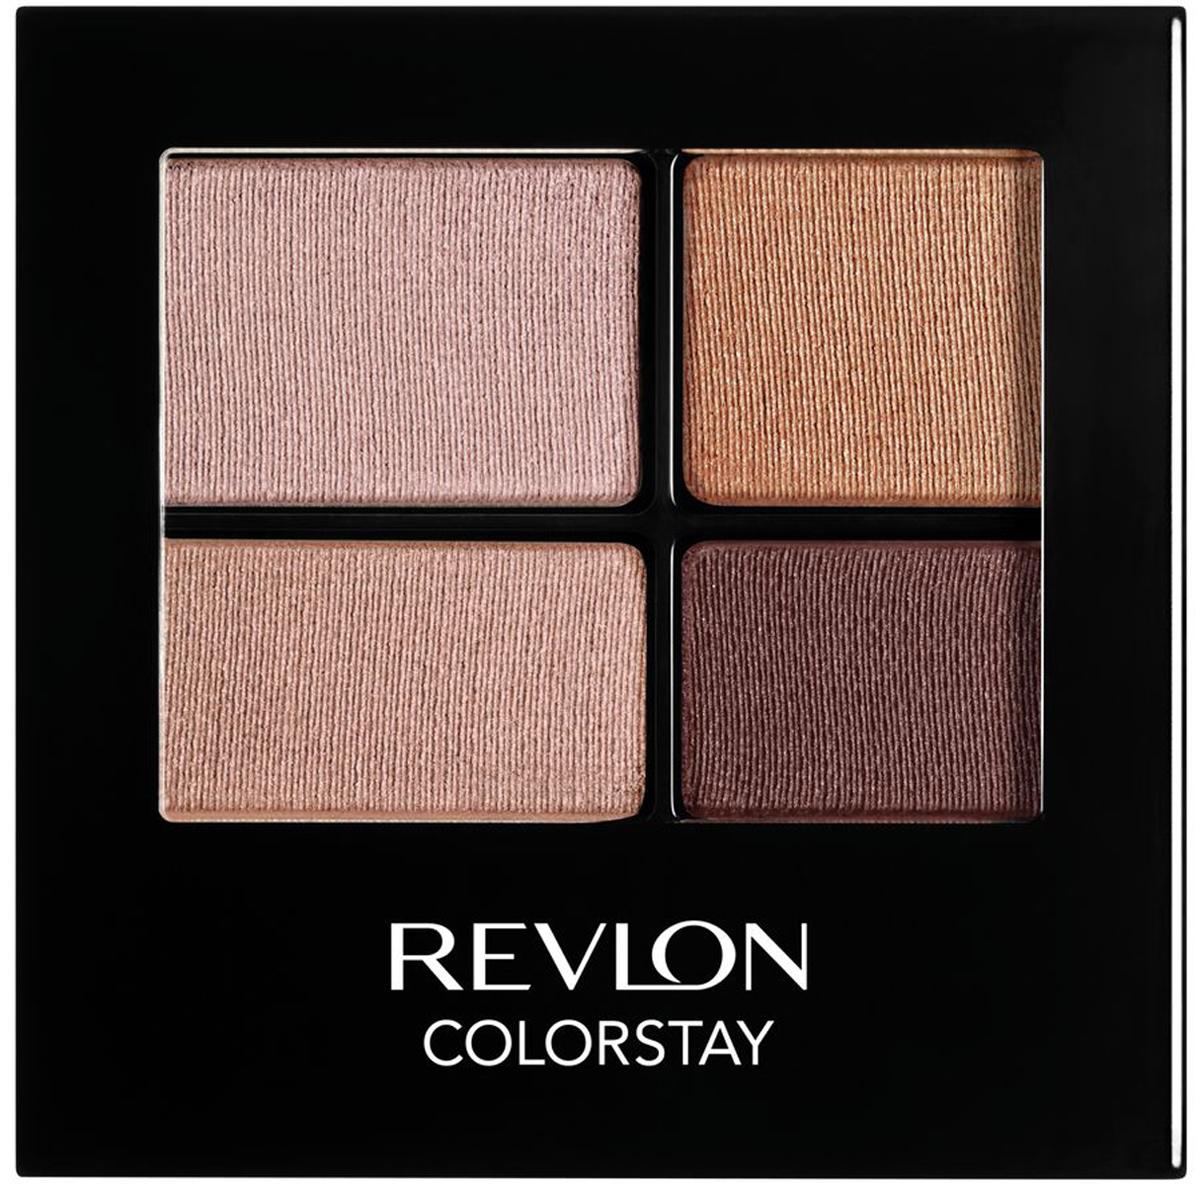 Revlon Тени для Век Четырехцветные Colorstay Eye16 Hour Eye Shadow Quad Decadente 505 4,8 г7210767002Colorstay 16 Hour Sahdow - роскошные тени для век с шелковистой текстурой и невероятно стойкой формулой. Теперь ваш макияж сохранит свой безупречный вид не менее 16 часов! Все оттенки гармонично сочетаются друг с другом и легко смешиваются, позволяя создать бесконечное количество вариантов макияжа глаз: от нежных, естественных, едва заметных, до ярких, выразительных, драматических. На оборотной стороне продукта приведена схема нанесения.Аккуратно нанести на веки специальной кисточкой.